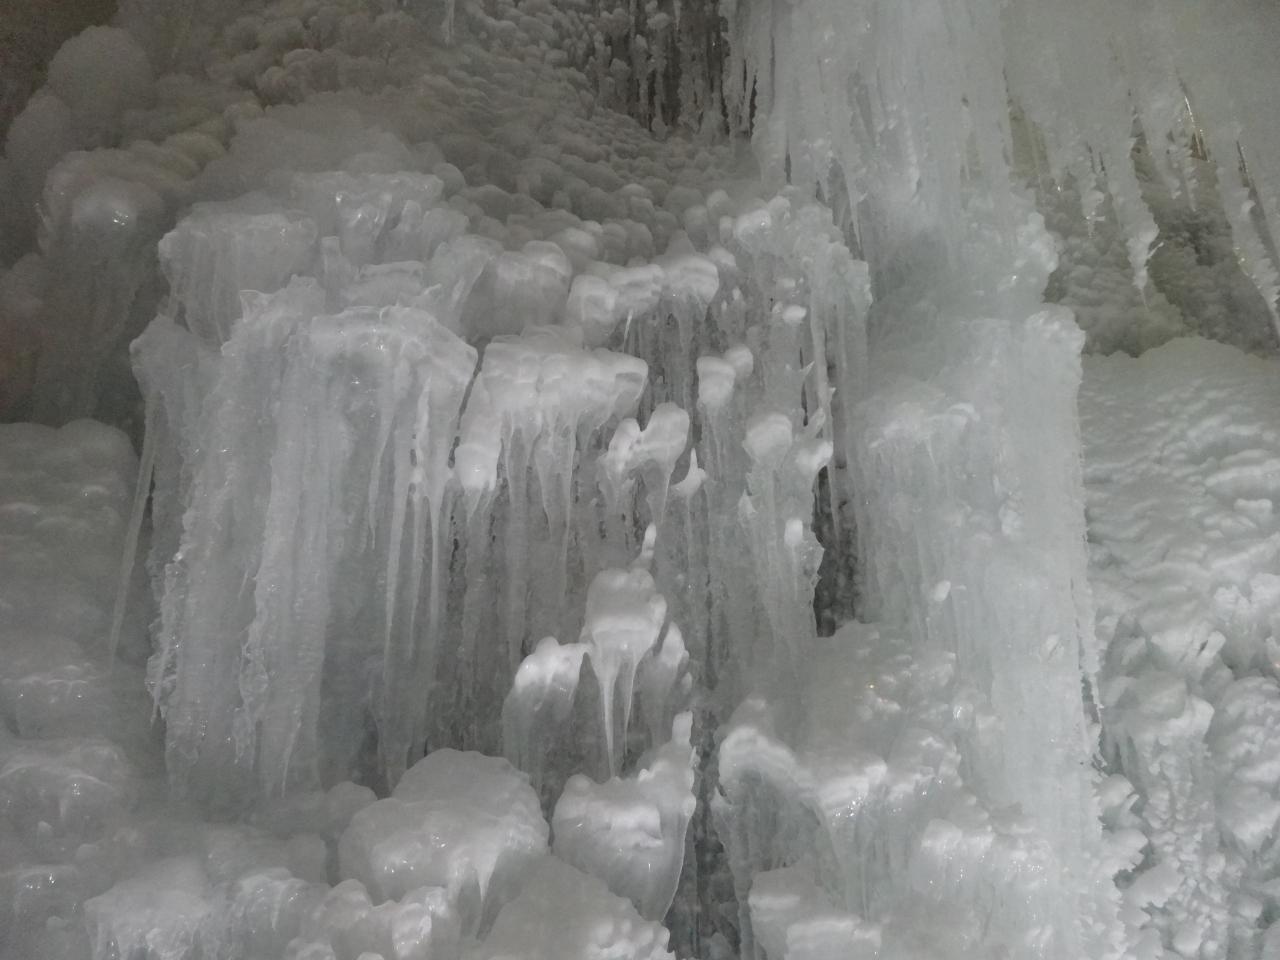 雪の美術館 [旭川]の観光 徹底ガイド - フォートラベル